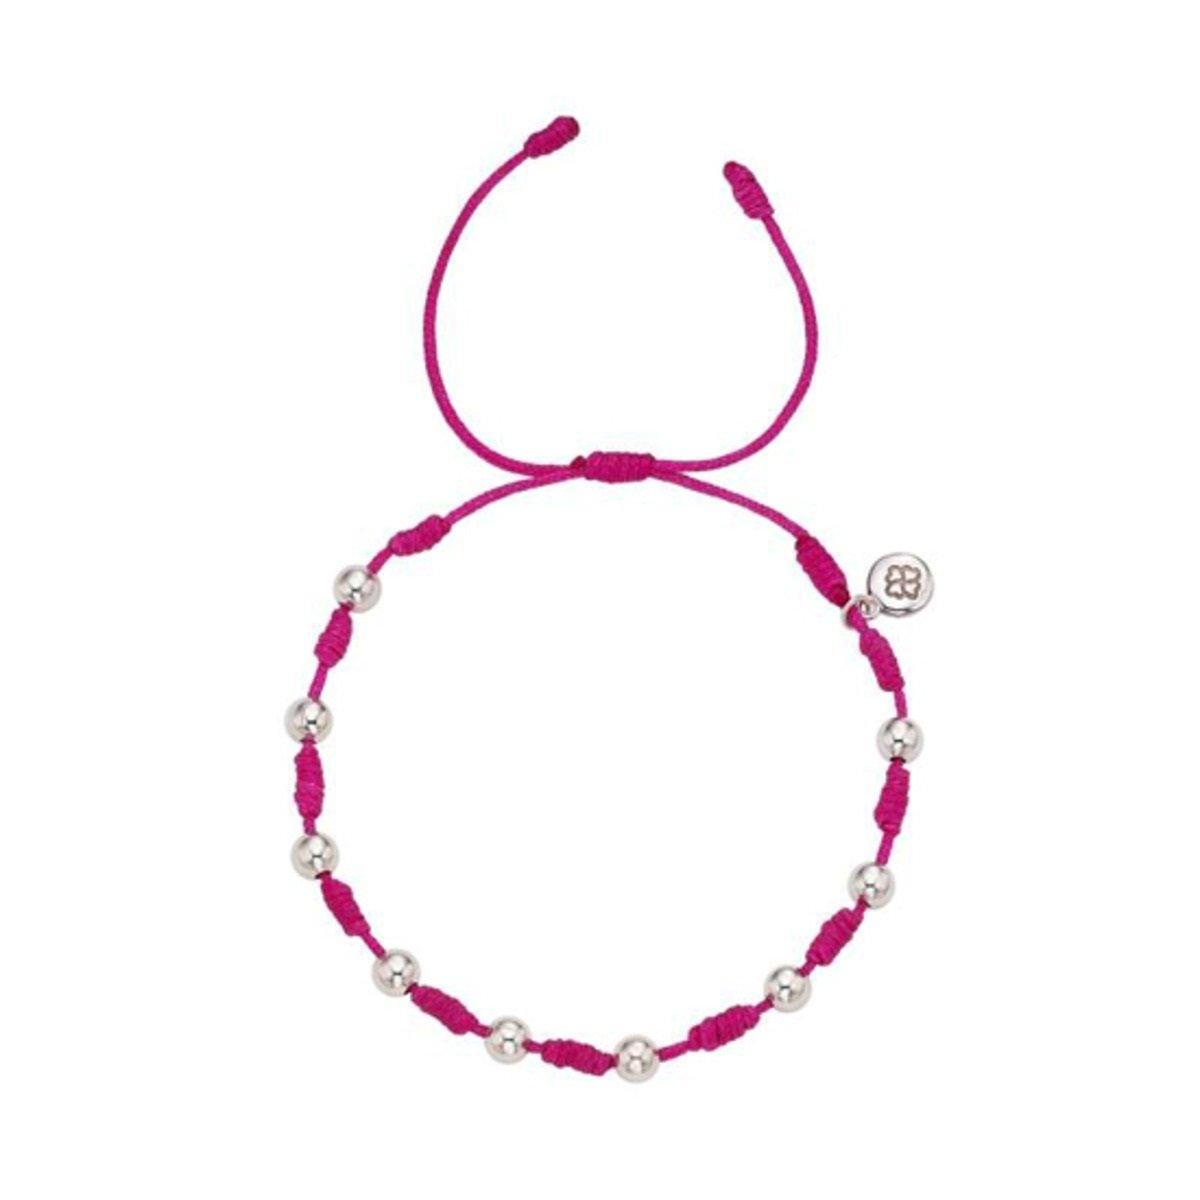 幸運手繩 (銀珠版) (深粉紅色)